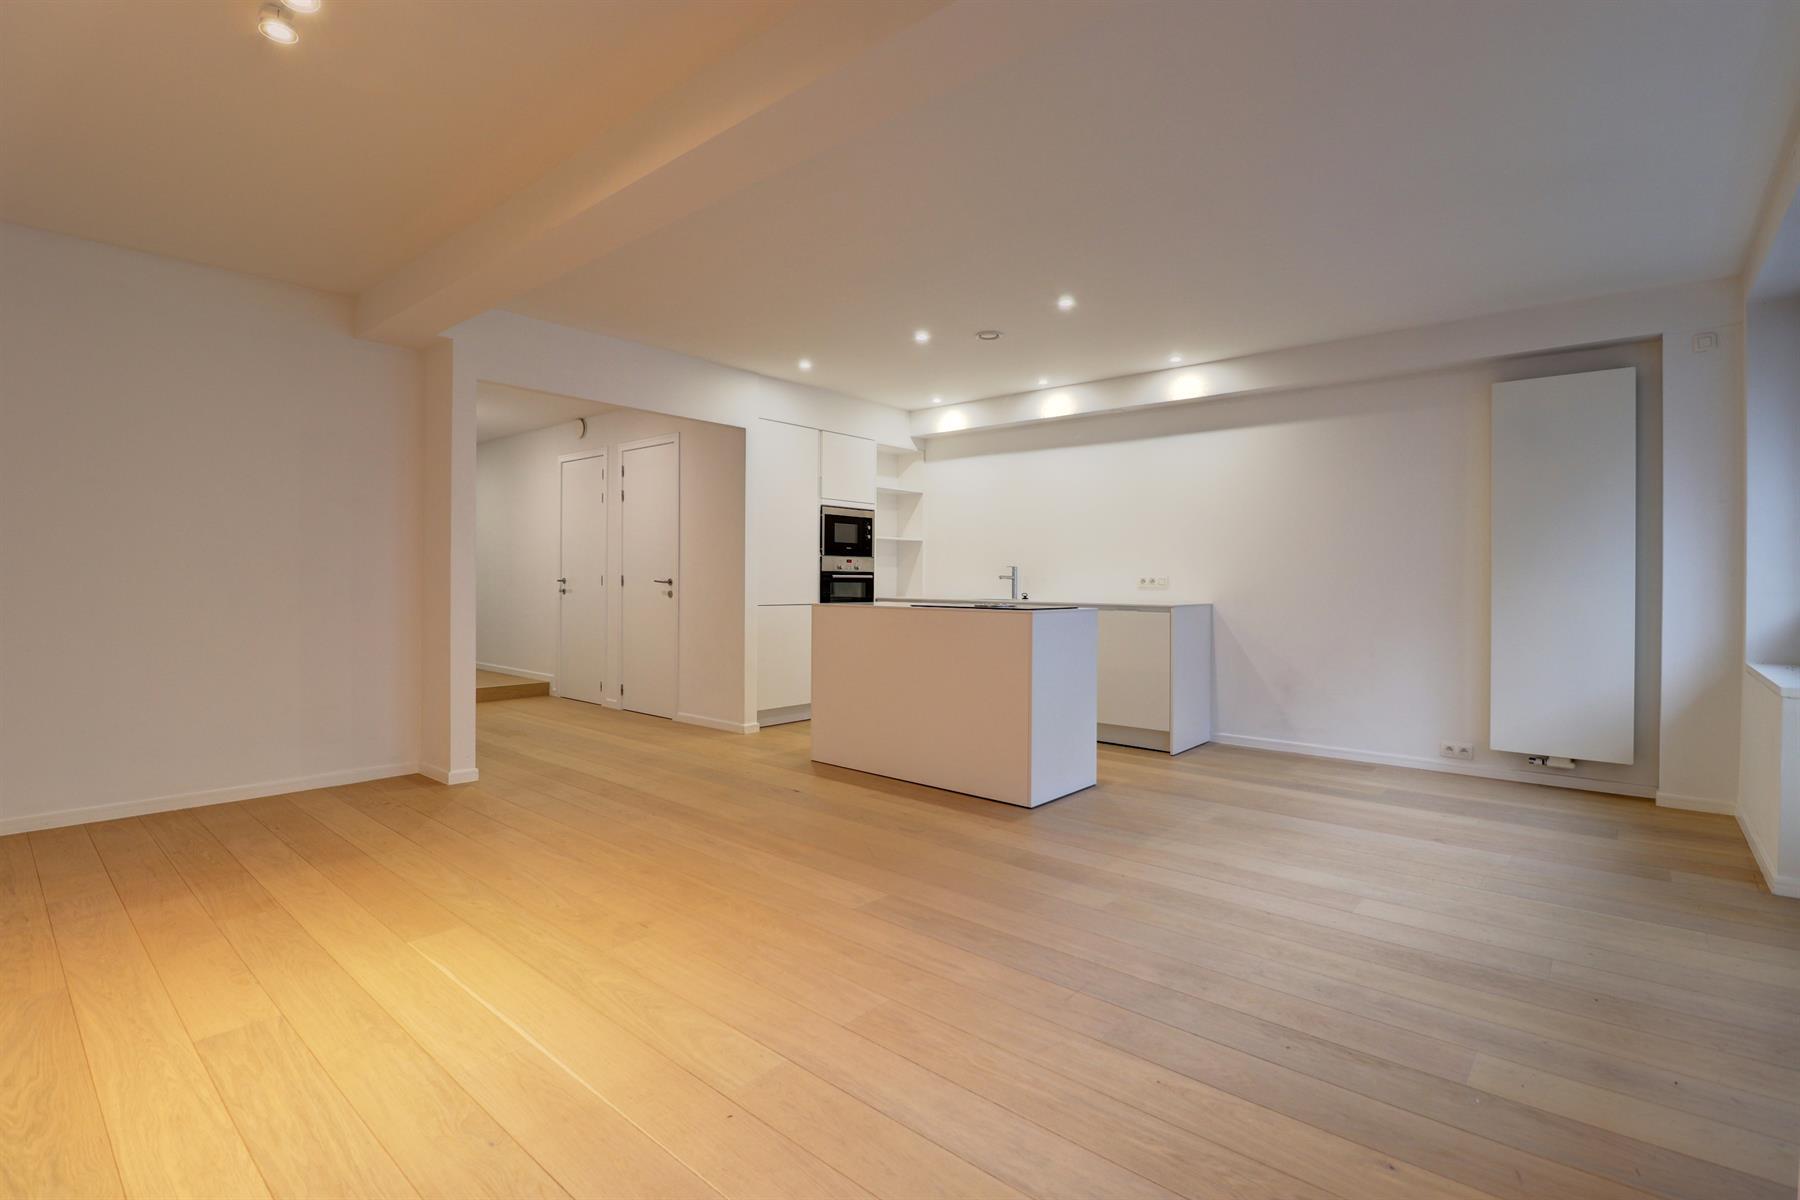 Appartement - Ixelles - #4264761-24